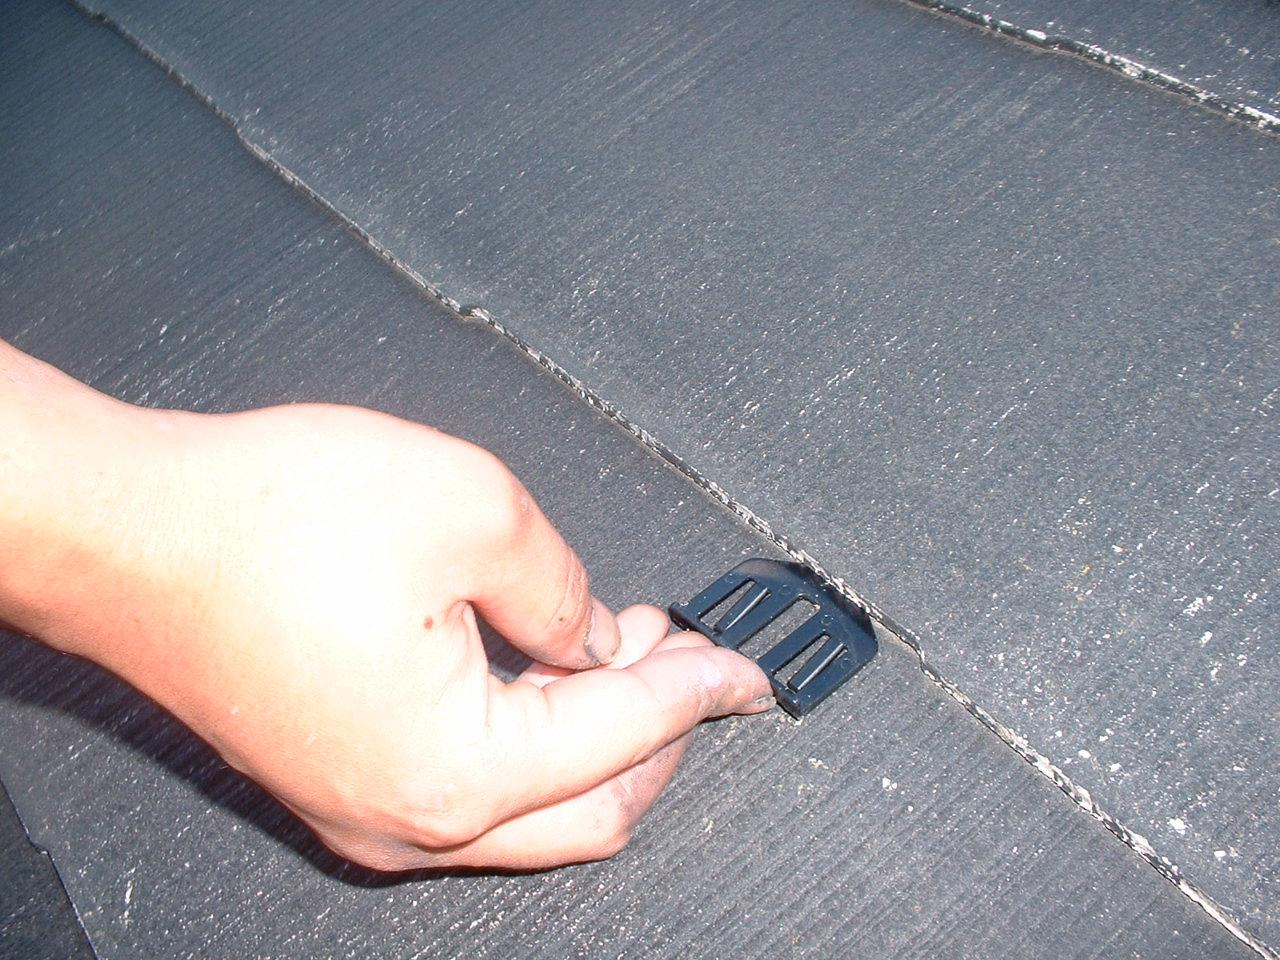 タスペーサーとは|屋根塗装で必須の理由3つと正しい施工方法を解説